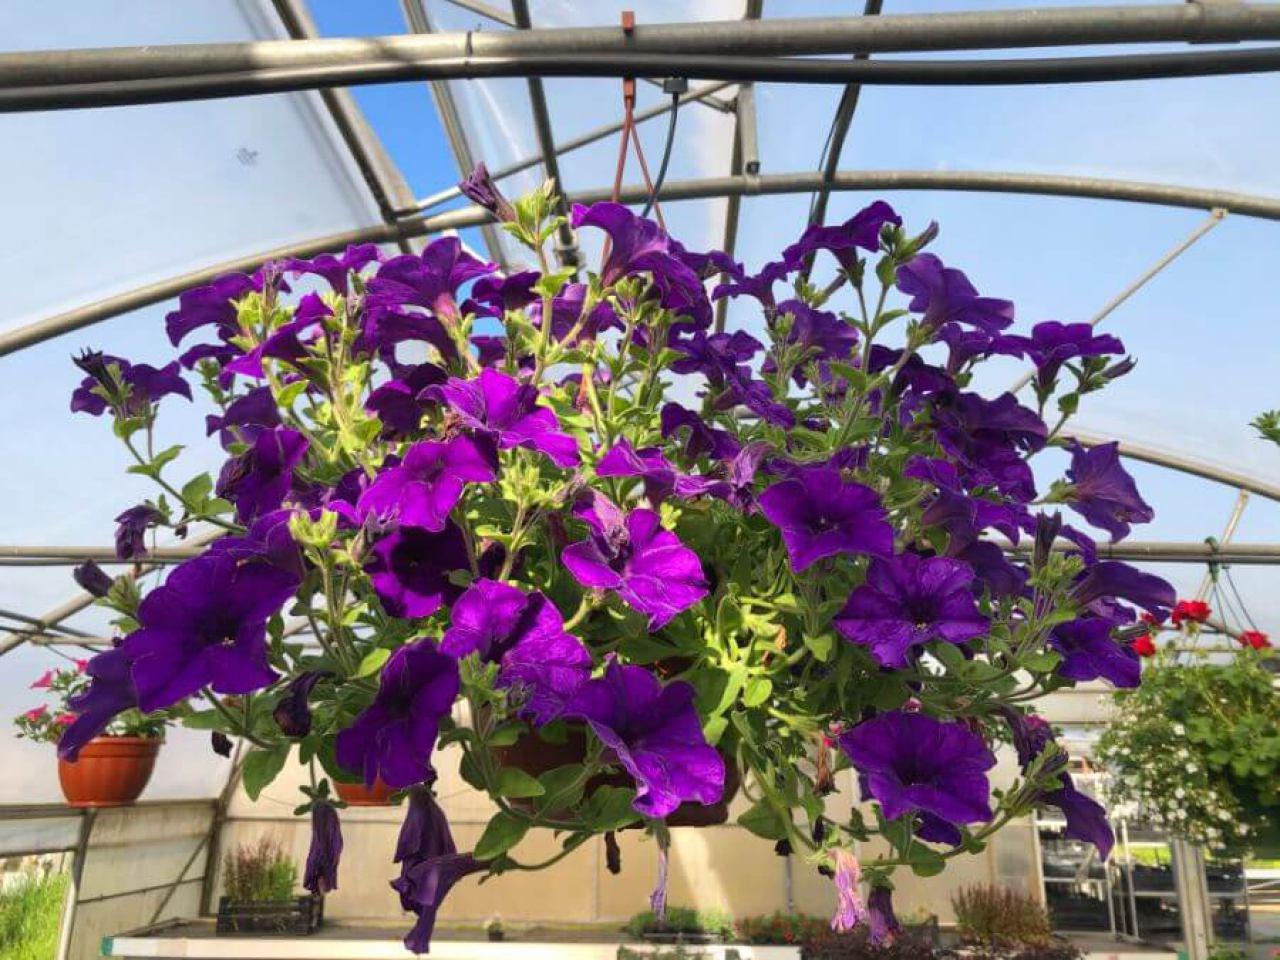 flora-commerce-1420797410.jpg